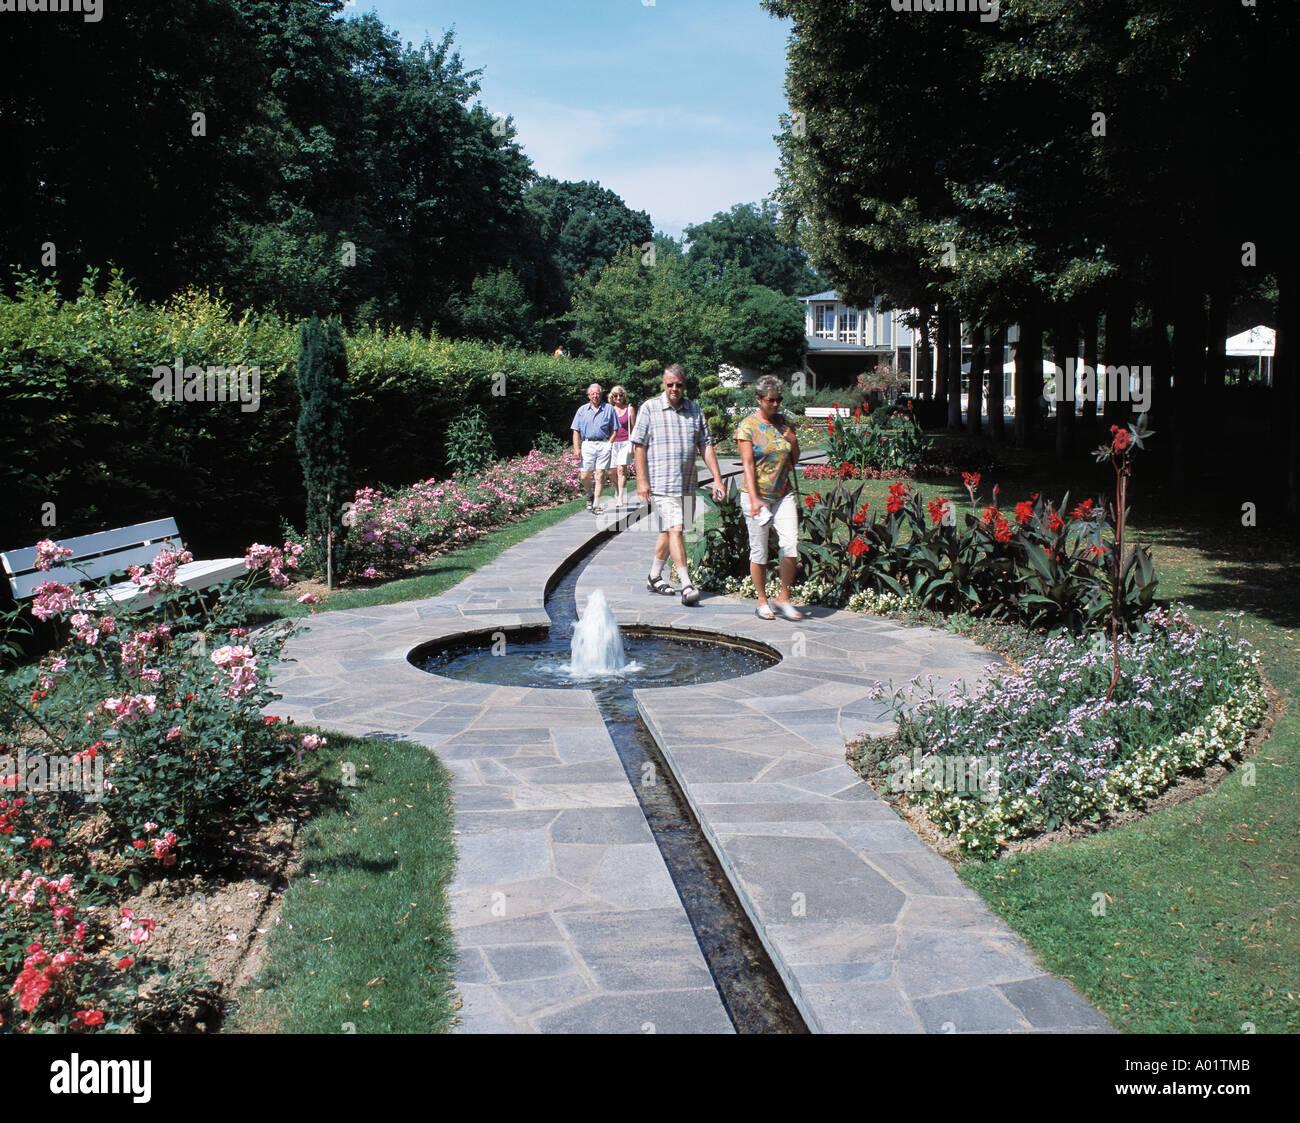 Rosenbachlauf Im Kurpark Wasserrinne Mit Springbrunnen Touristen